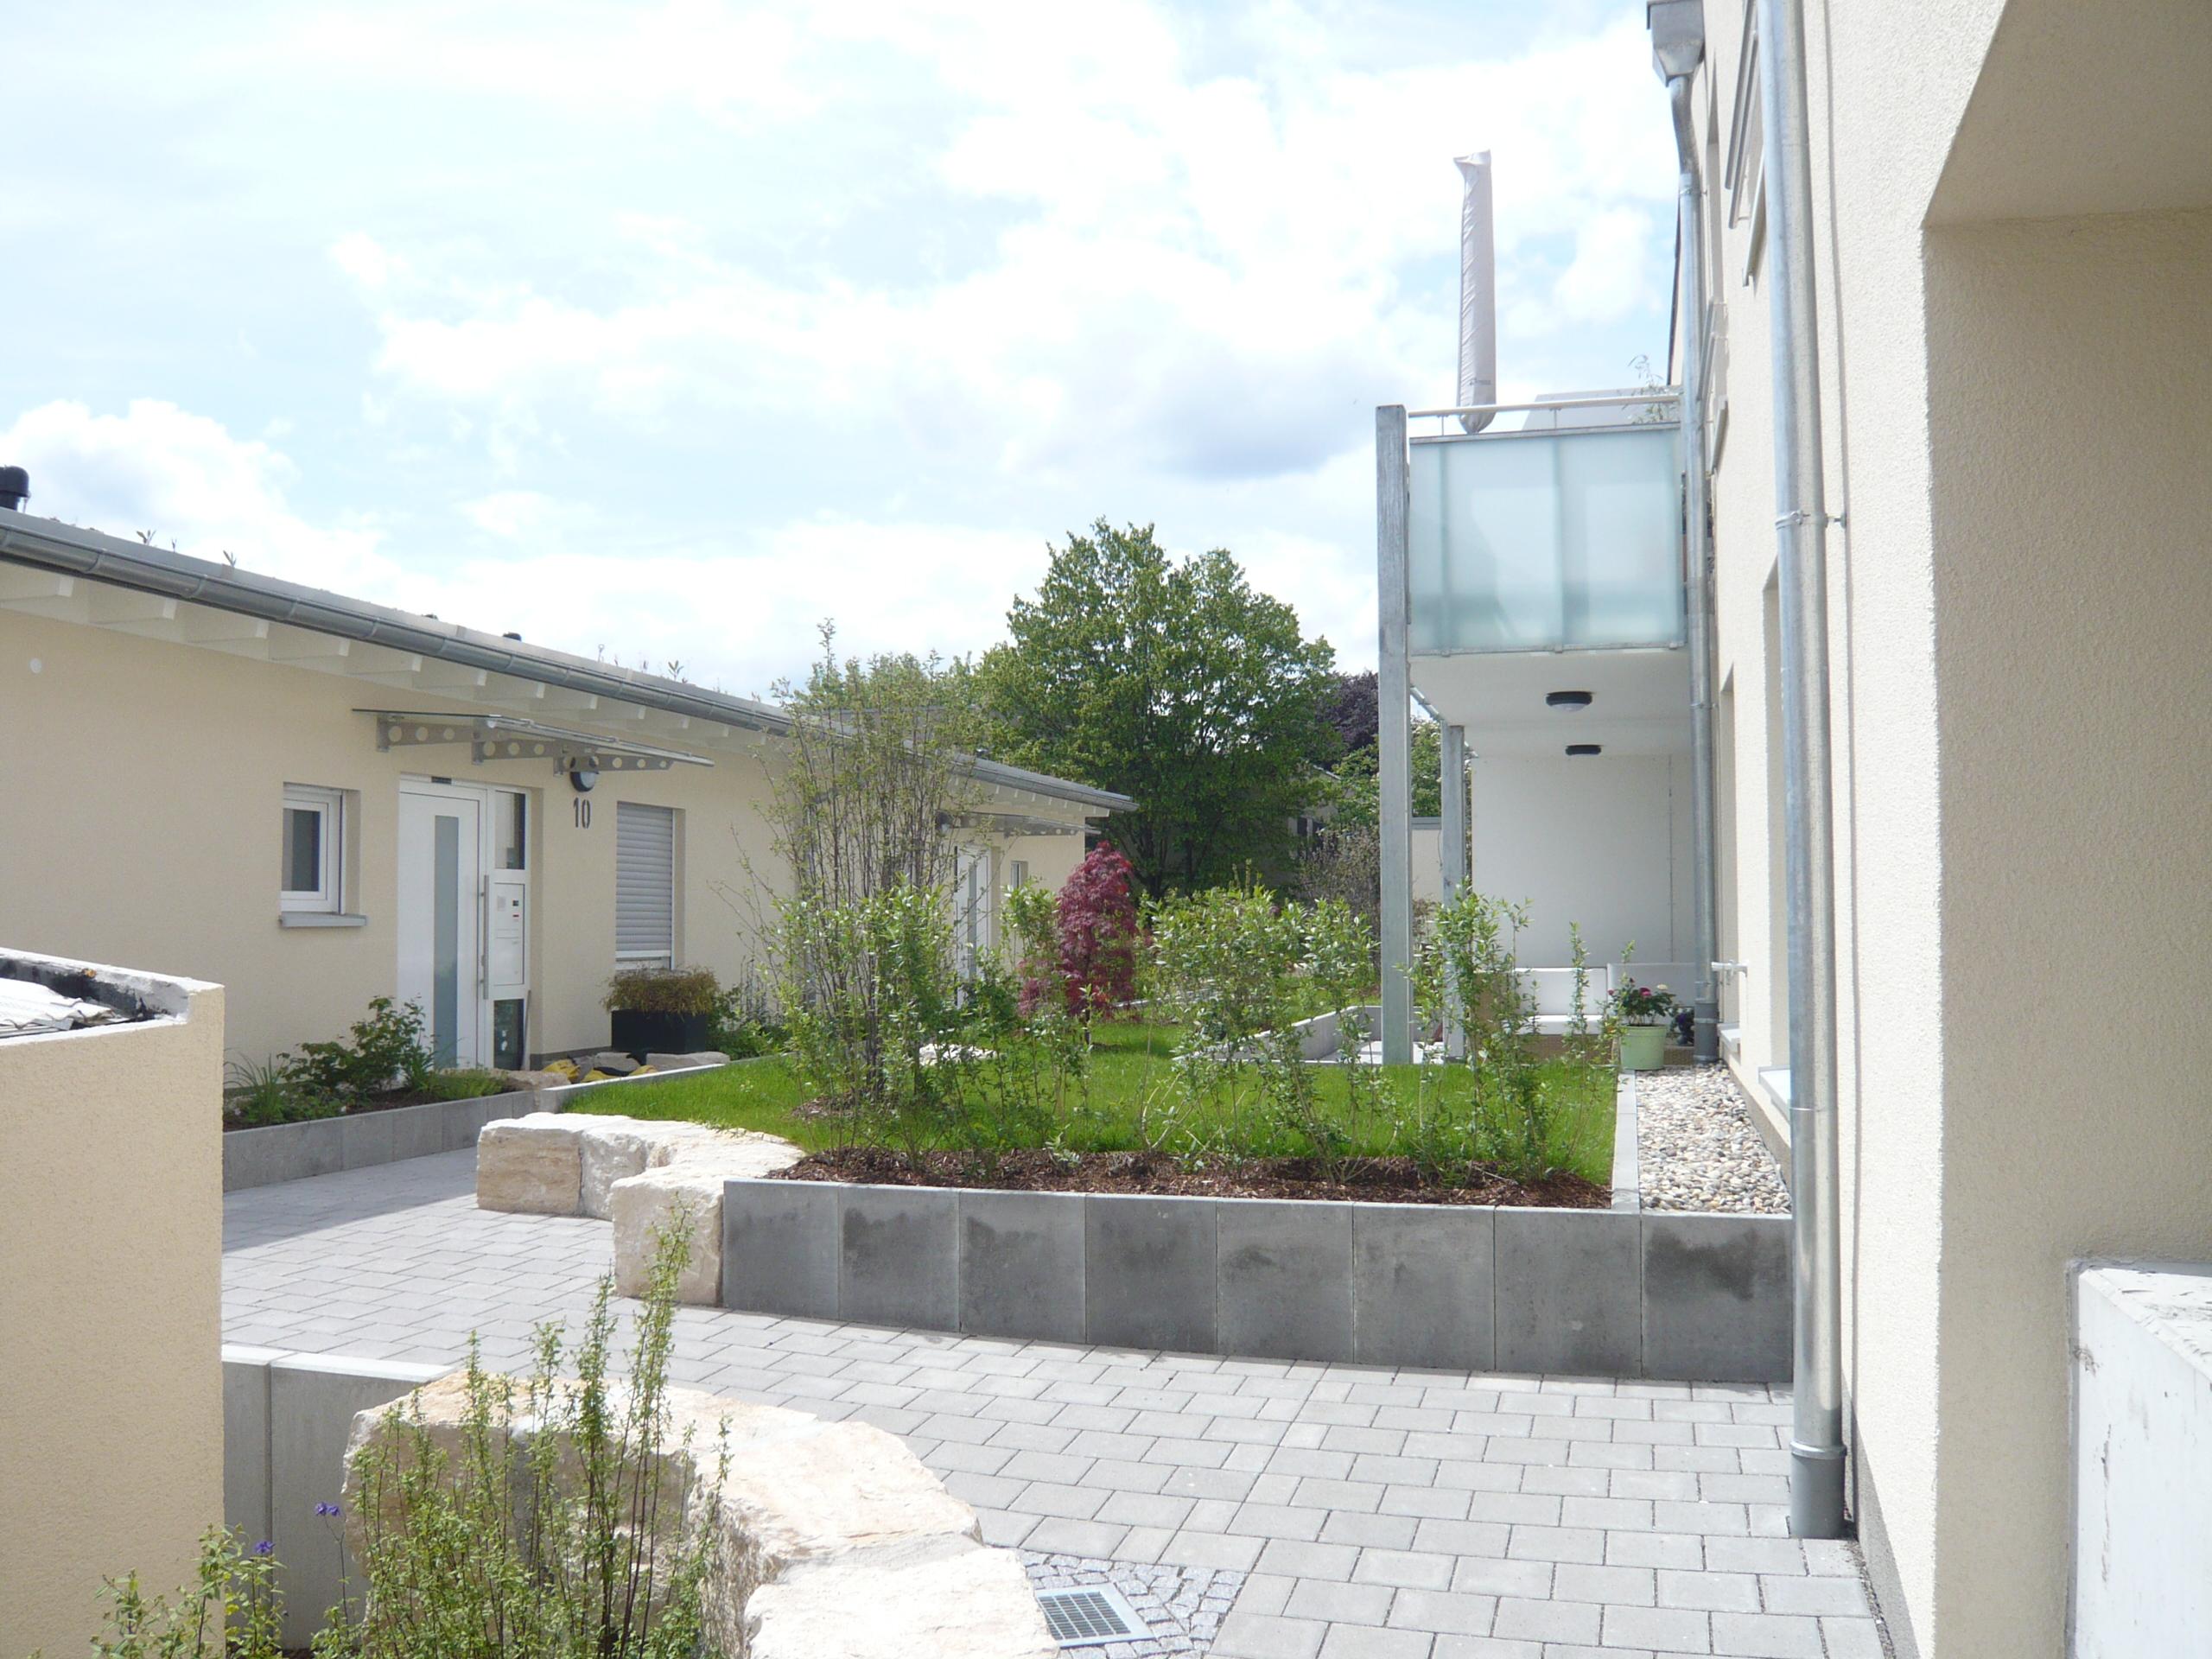 mehrfamilienhaus hahnenstra e in ludwigsburg eglosheim sch ner wohnen immobilien ludwigsburg. Black Bedroom Furniture Sets. Home Design Ideas